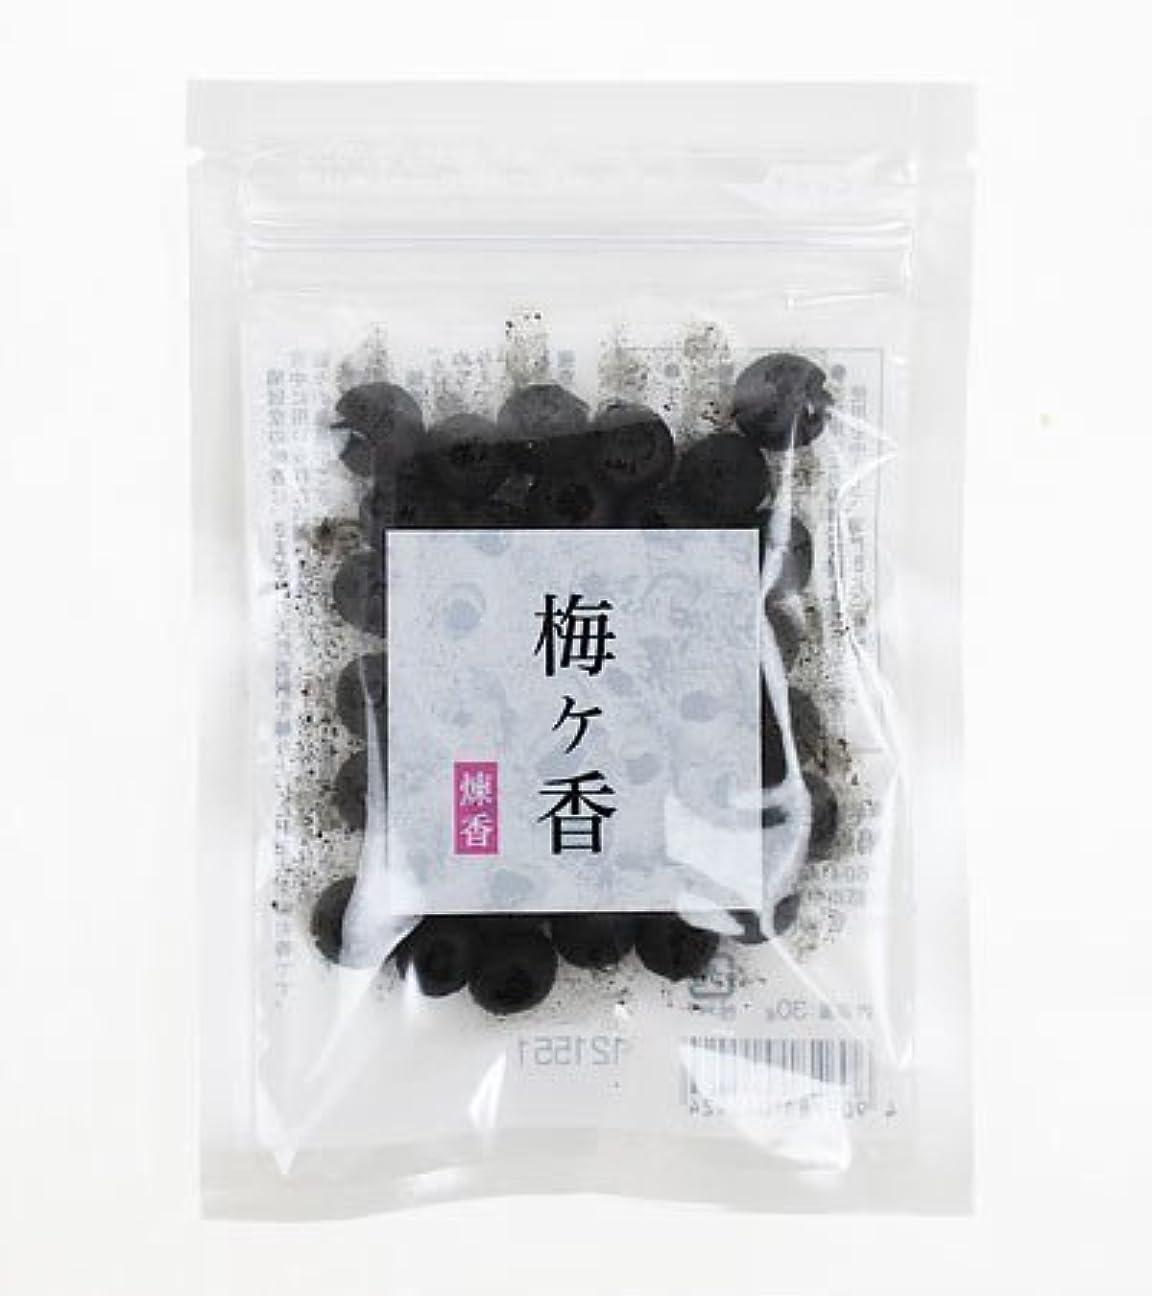 ミンチバターライブ茶道具 香 煉香 鳩居堂 梅ヶ香(うめがか)徳用袋入 練香 ねりこう ほんぢ園